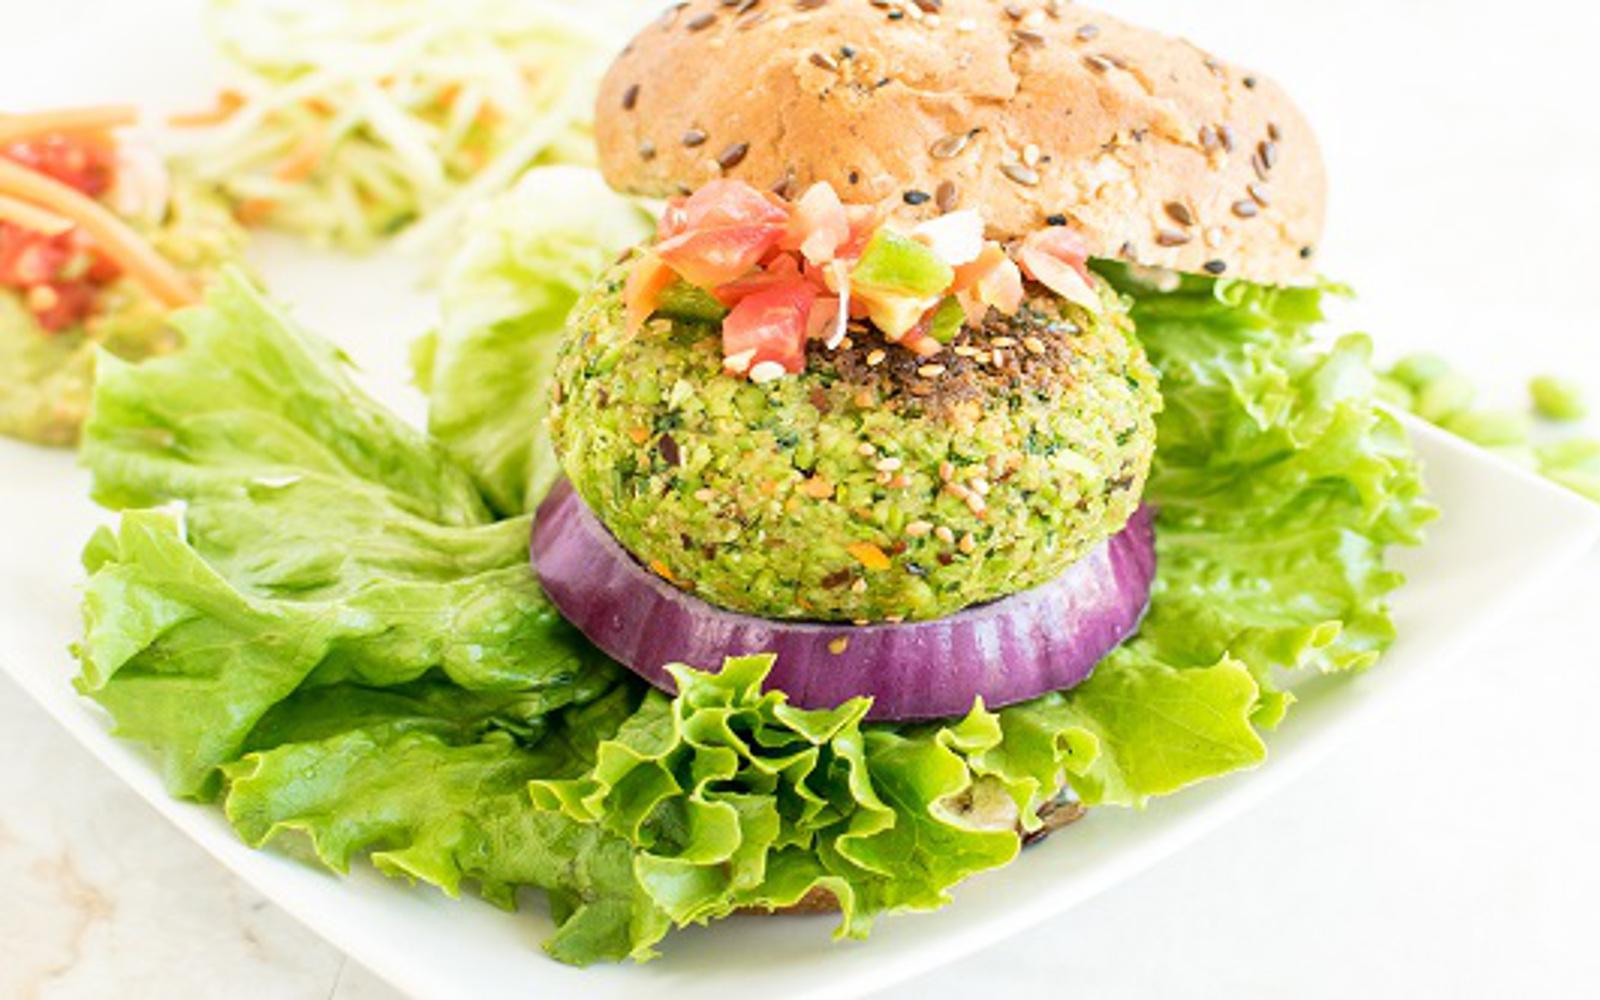 Cilantro Edamame Burger 1